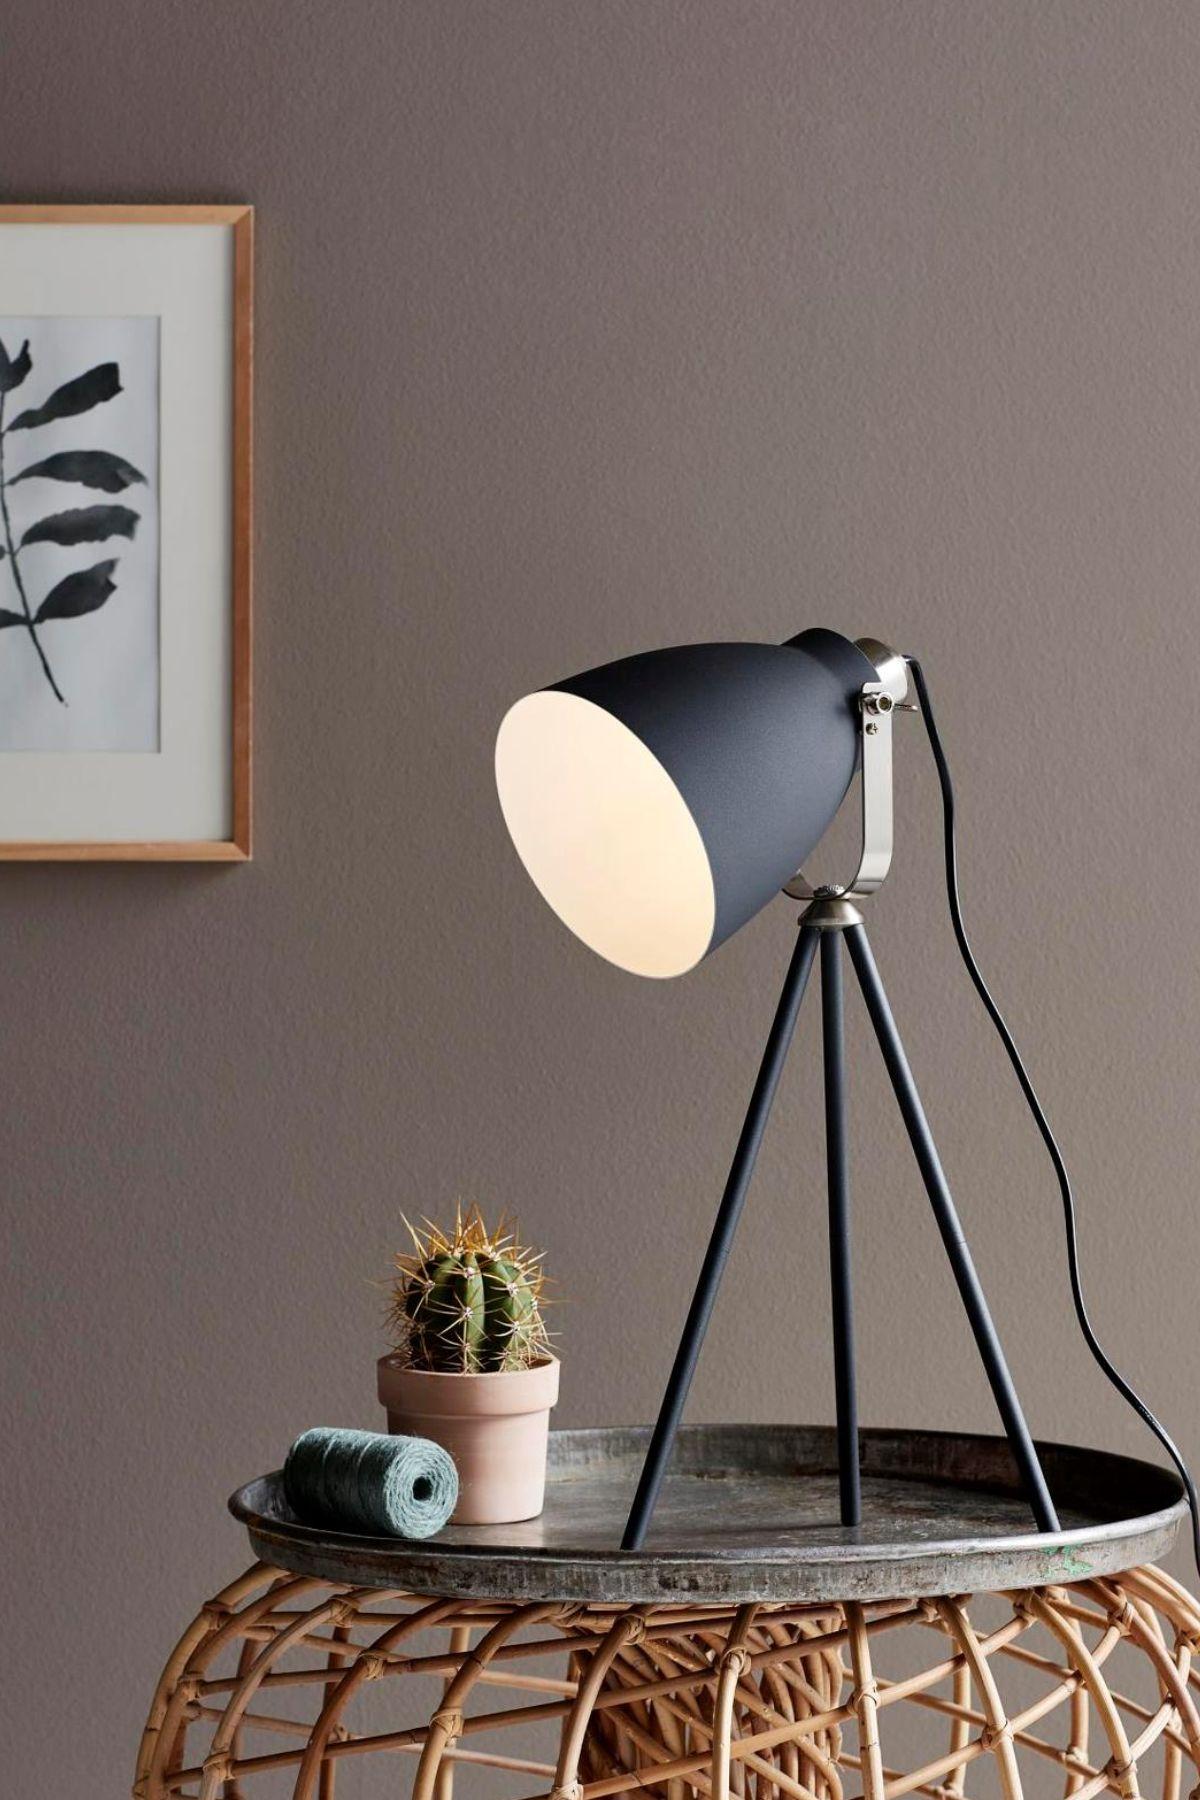 Noir LargoLampes Poser À Trépied Lampe Table De 0ZwOPXk8Nn